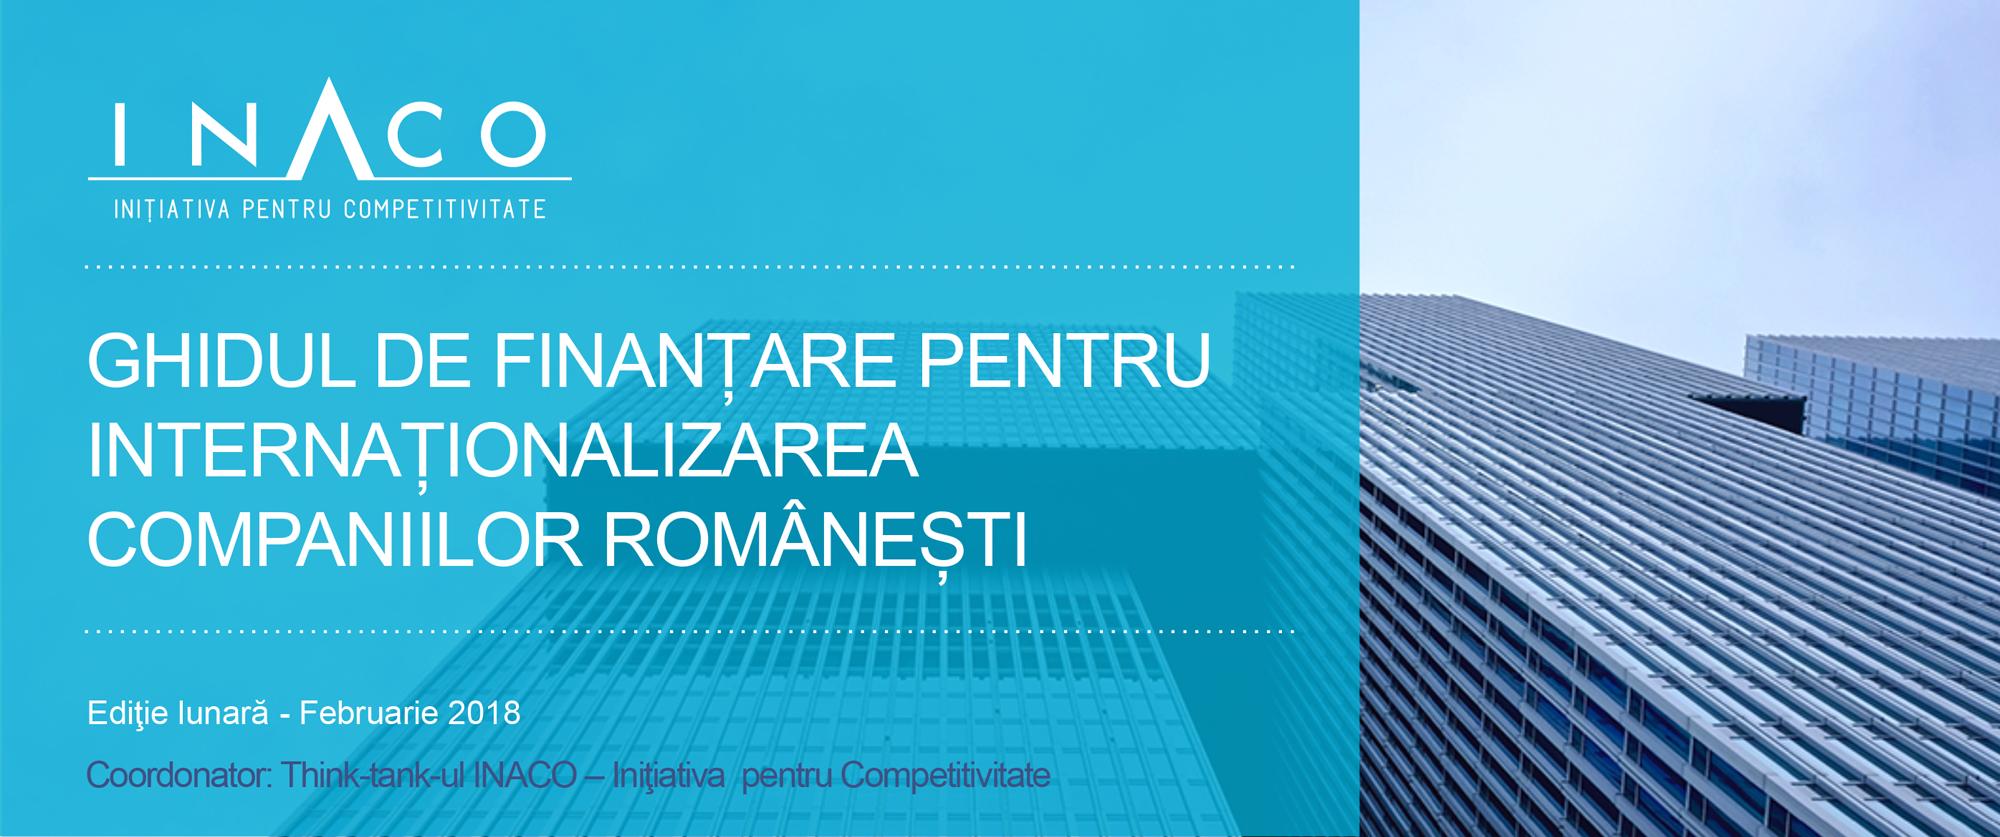 Ghidul de finanțare pentru internaționalizarea companiilor românești. Feb. 2018